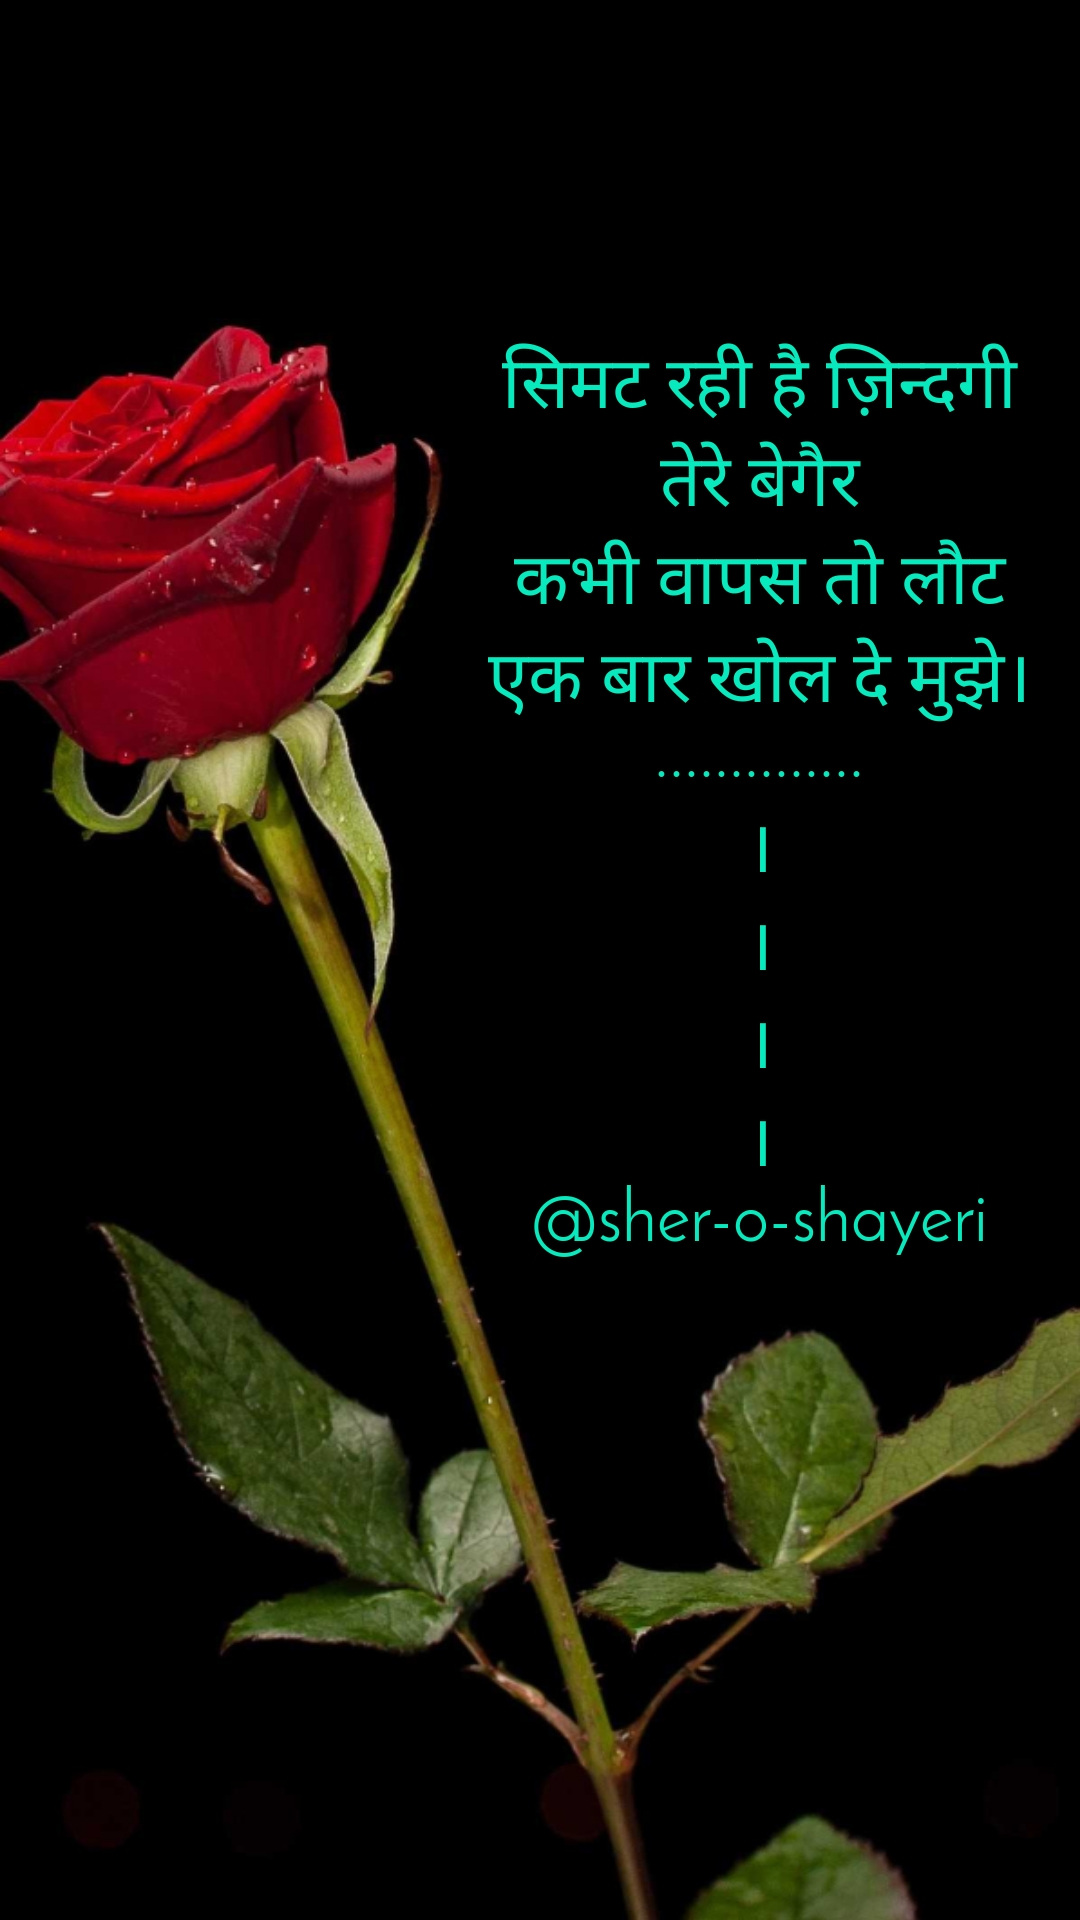 सिमट रही है ज़िन्दगी तेरे बेगैर कभी वापस तो लौट एक बार खोल दे मुझे। .............. । । । । @sher-o-shayeri